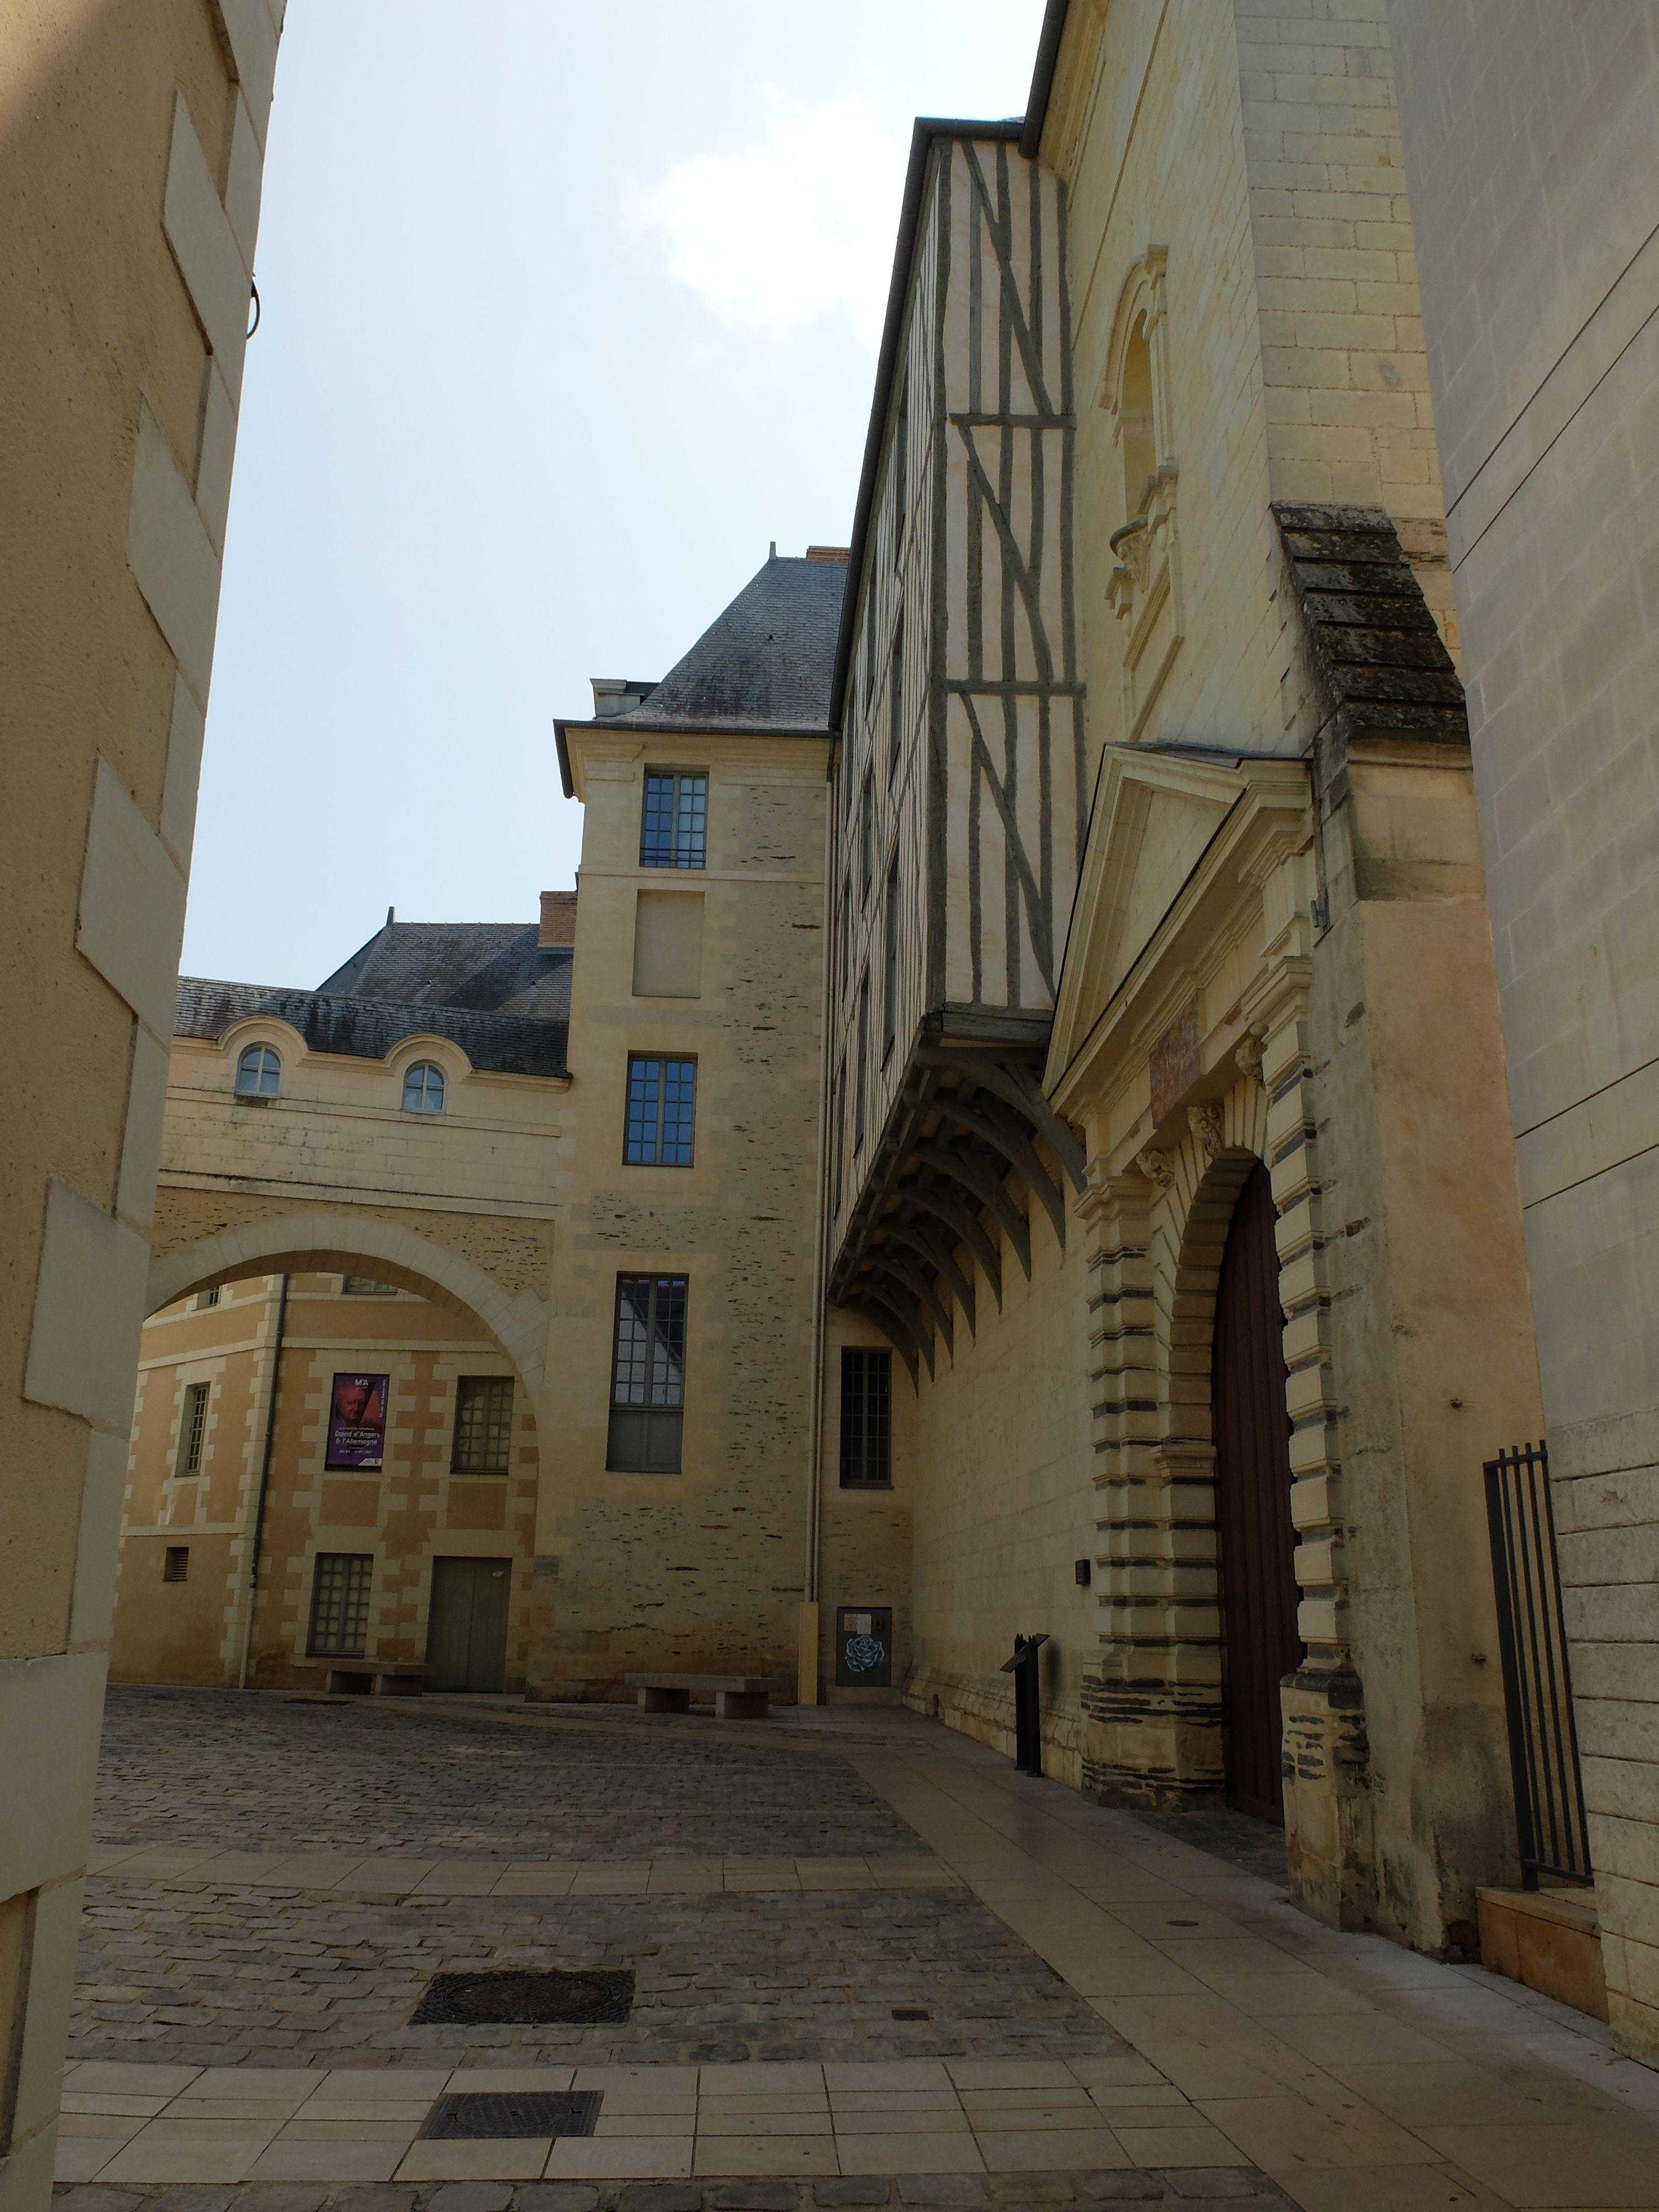 Musée Des Beaux Arts D Angers : musée, beaux, angers, Piétonne, Côté, Musée, Beaux-Arts, Angers, Photo, Beaux-arts,, Pietonne,